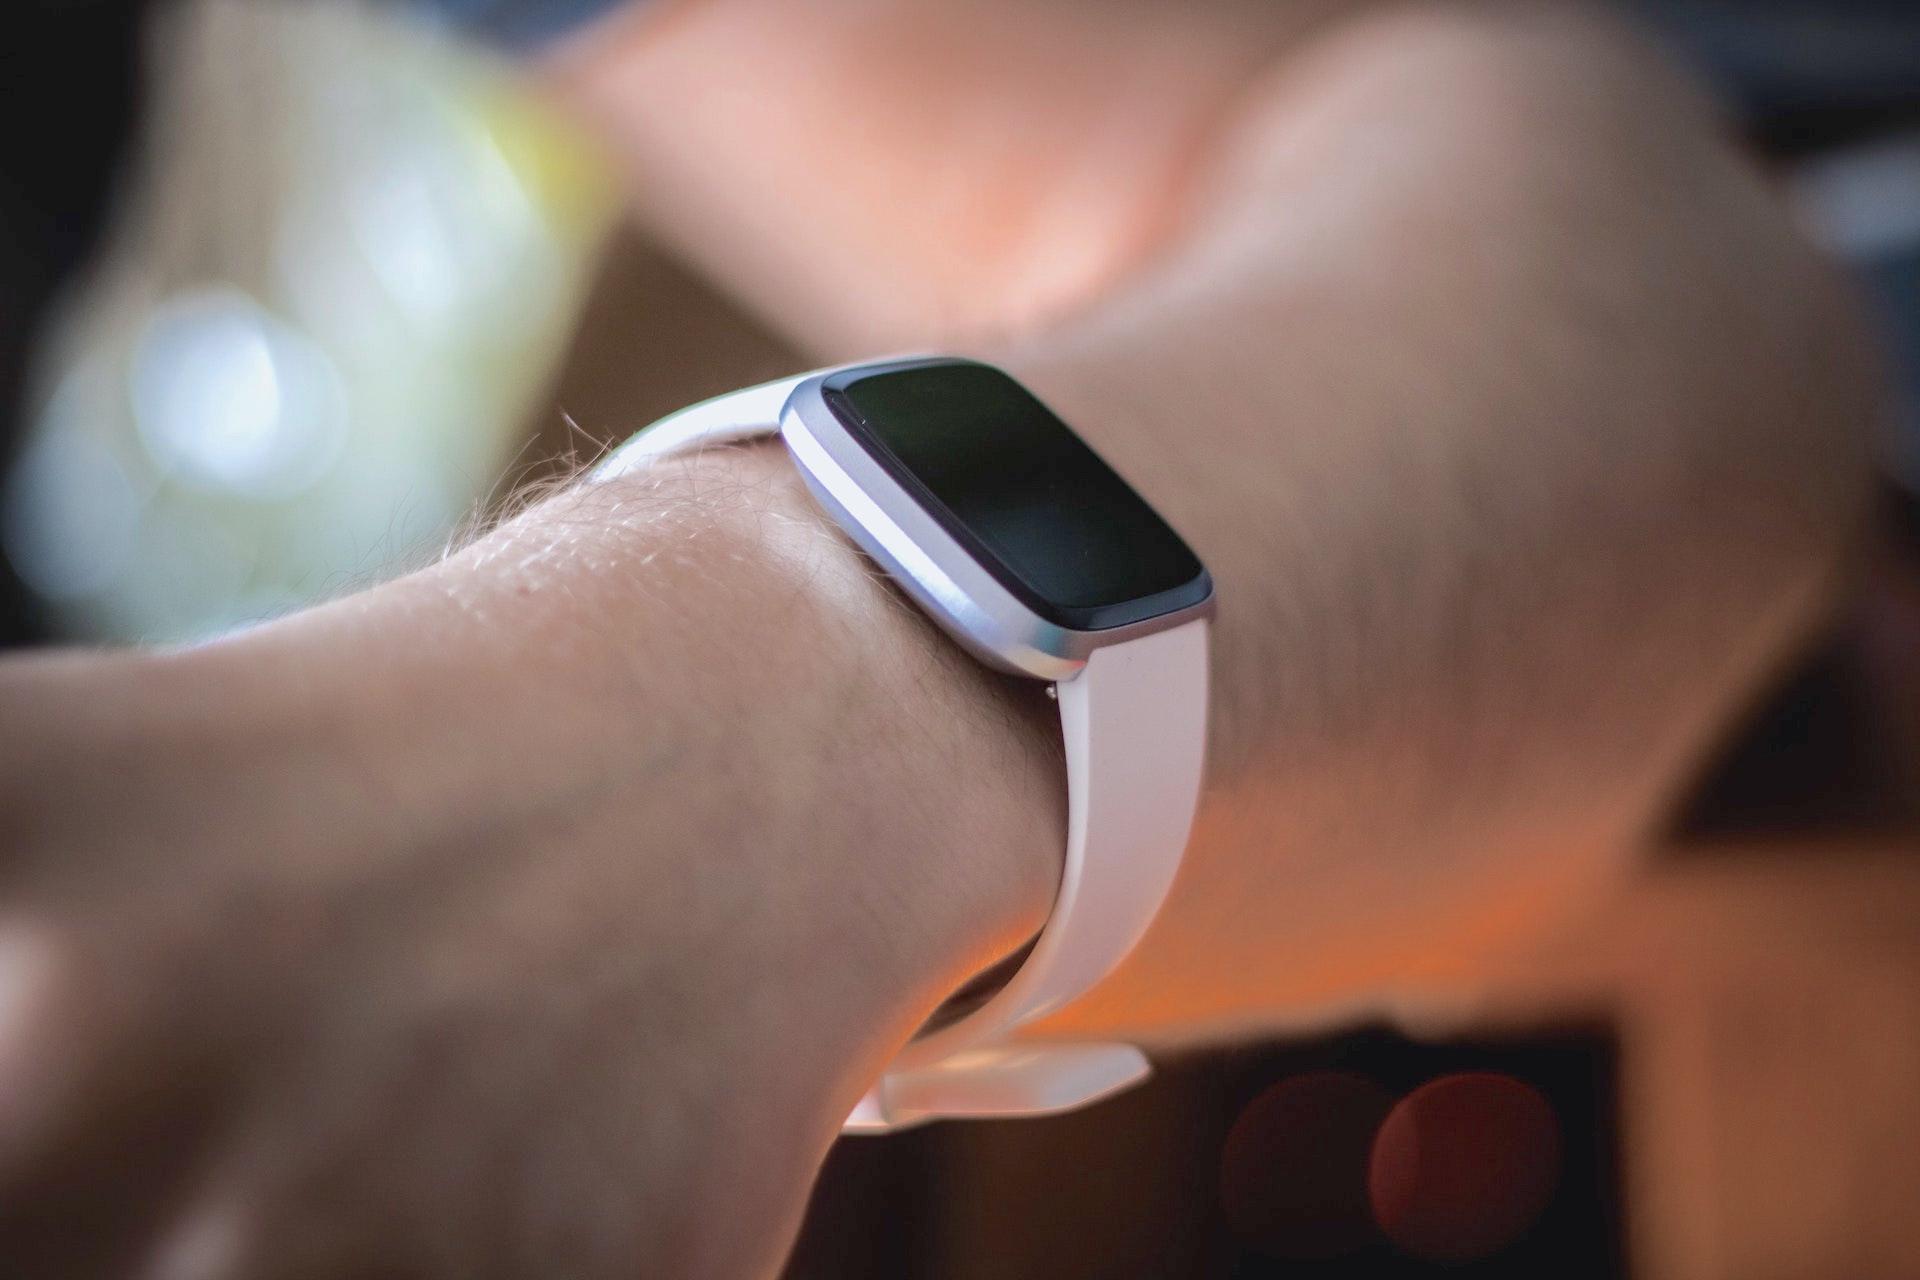 A user's wrist wearing a Fitbit smart watch.